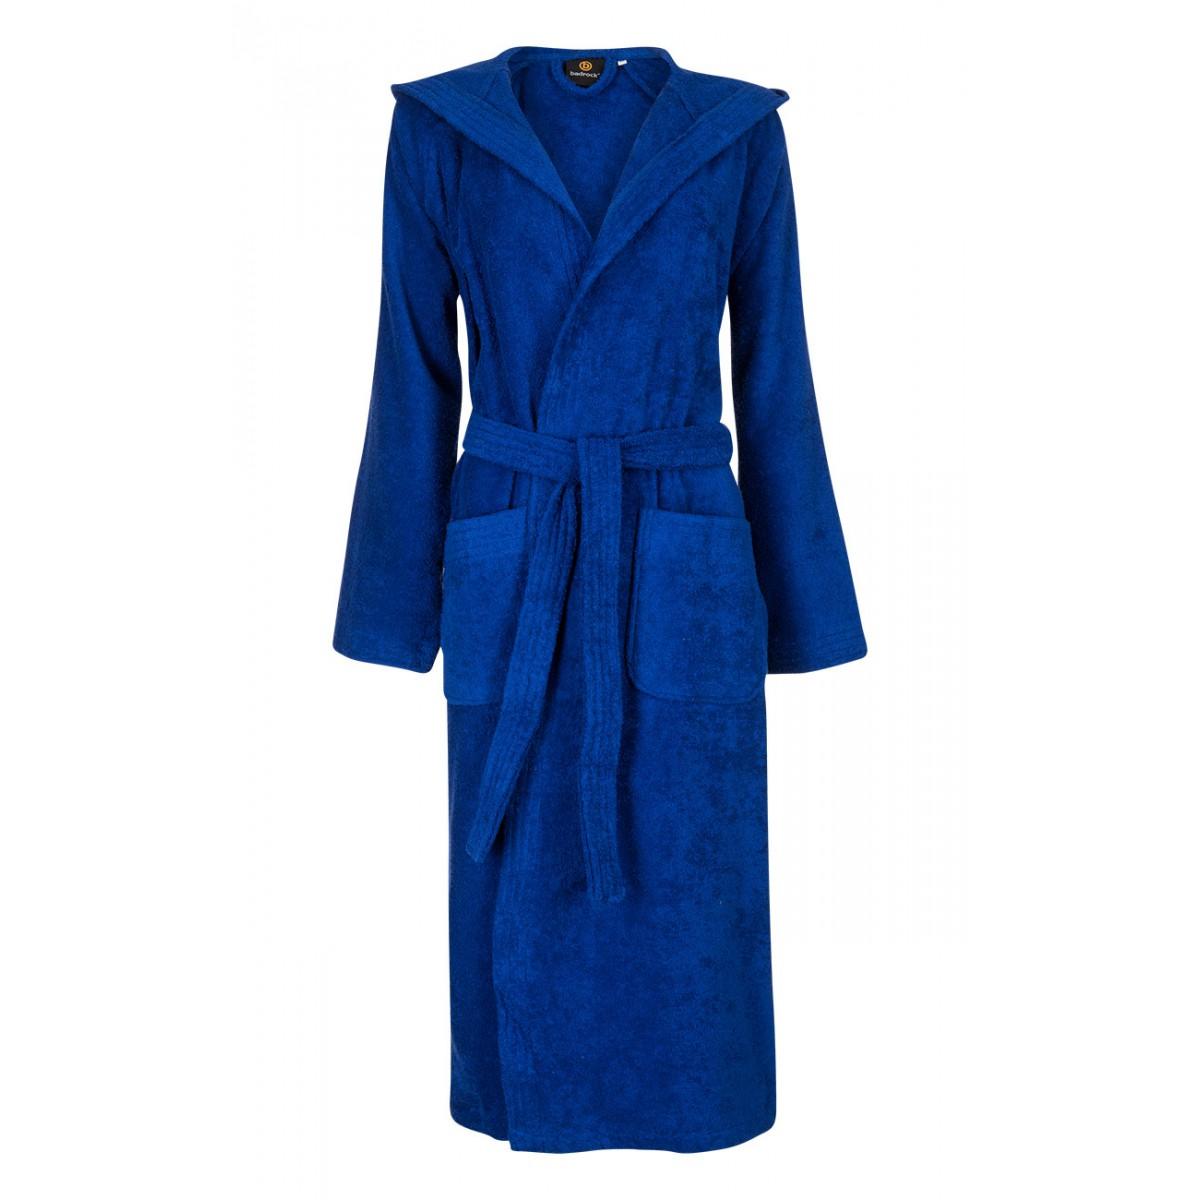 kobaltblauwe badjas